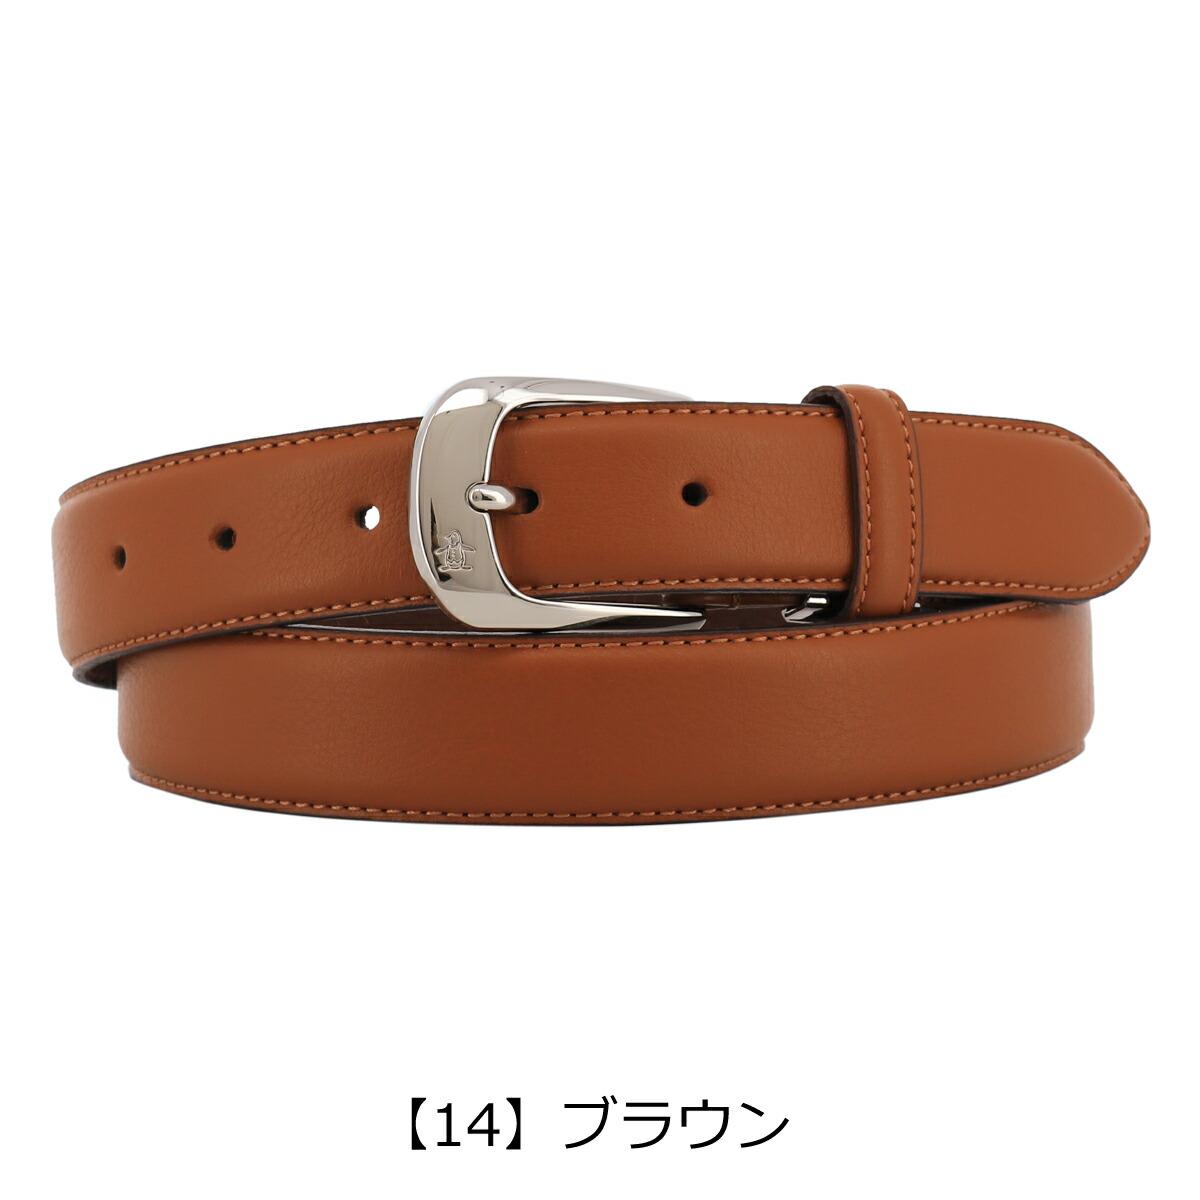 【14】ブラウン